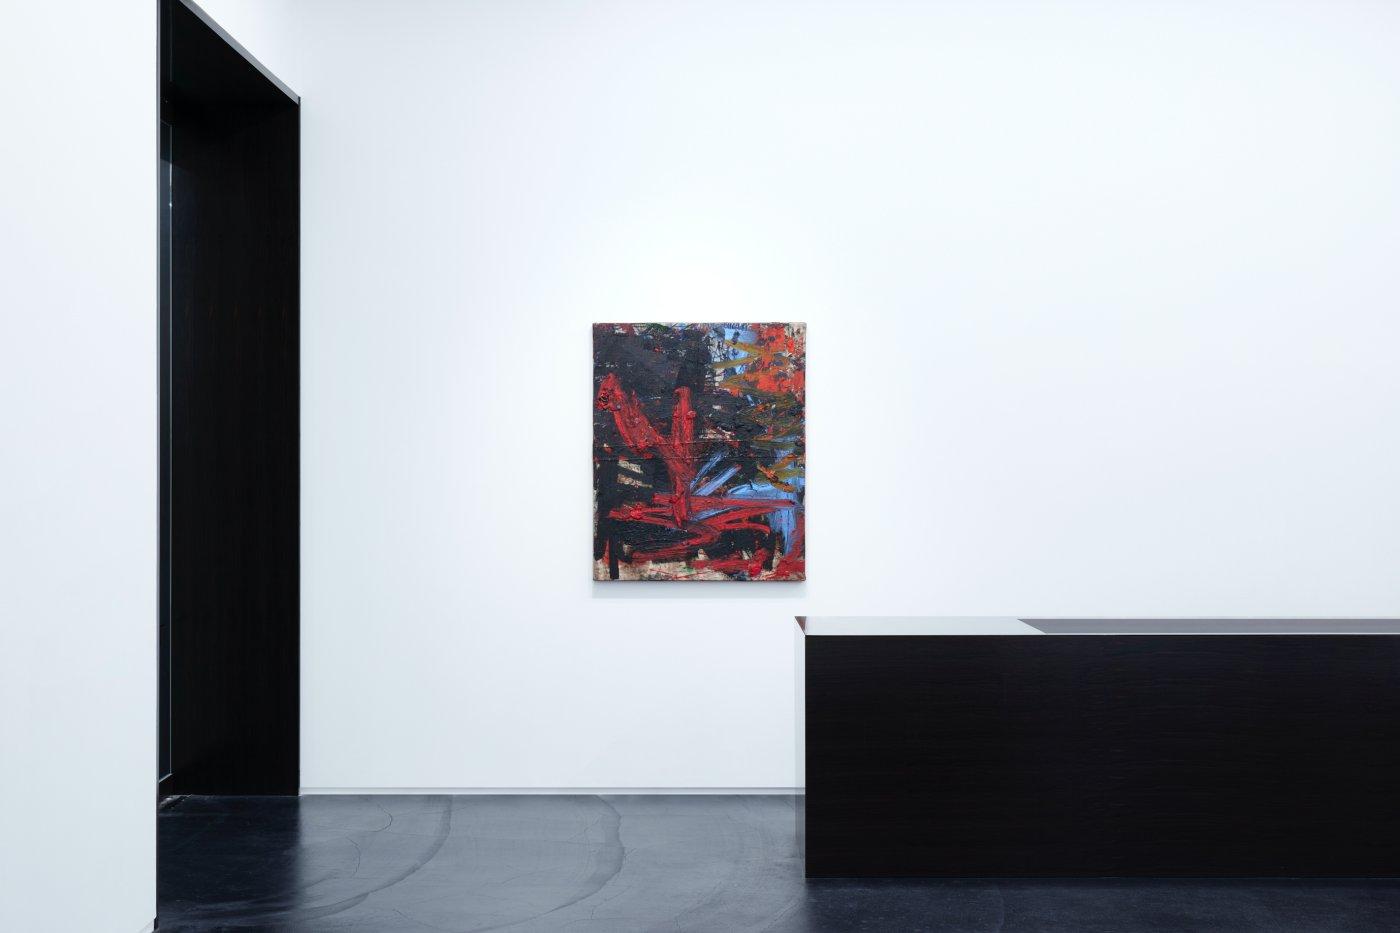 Taka Ishii Gallery Oscar Murillo 9